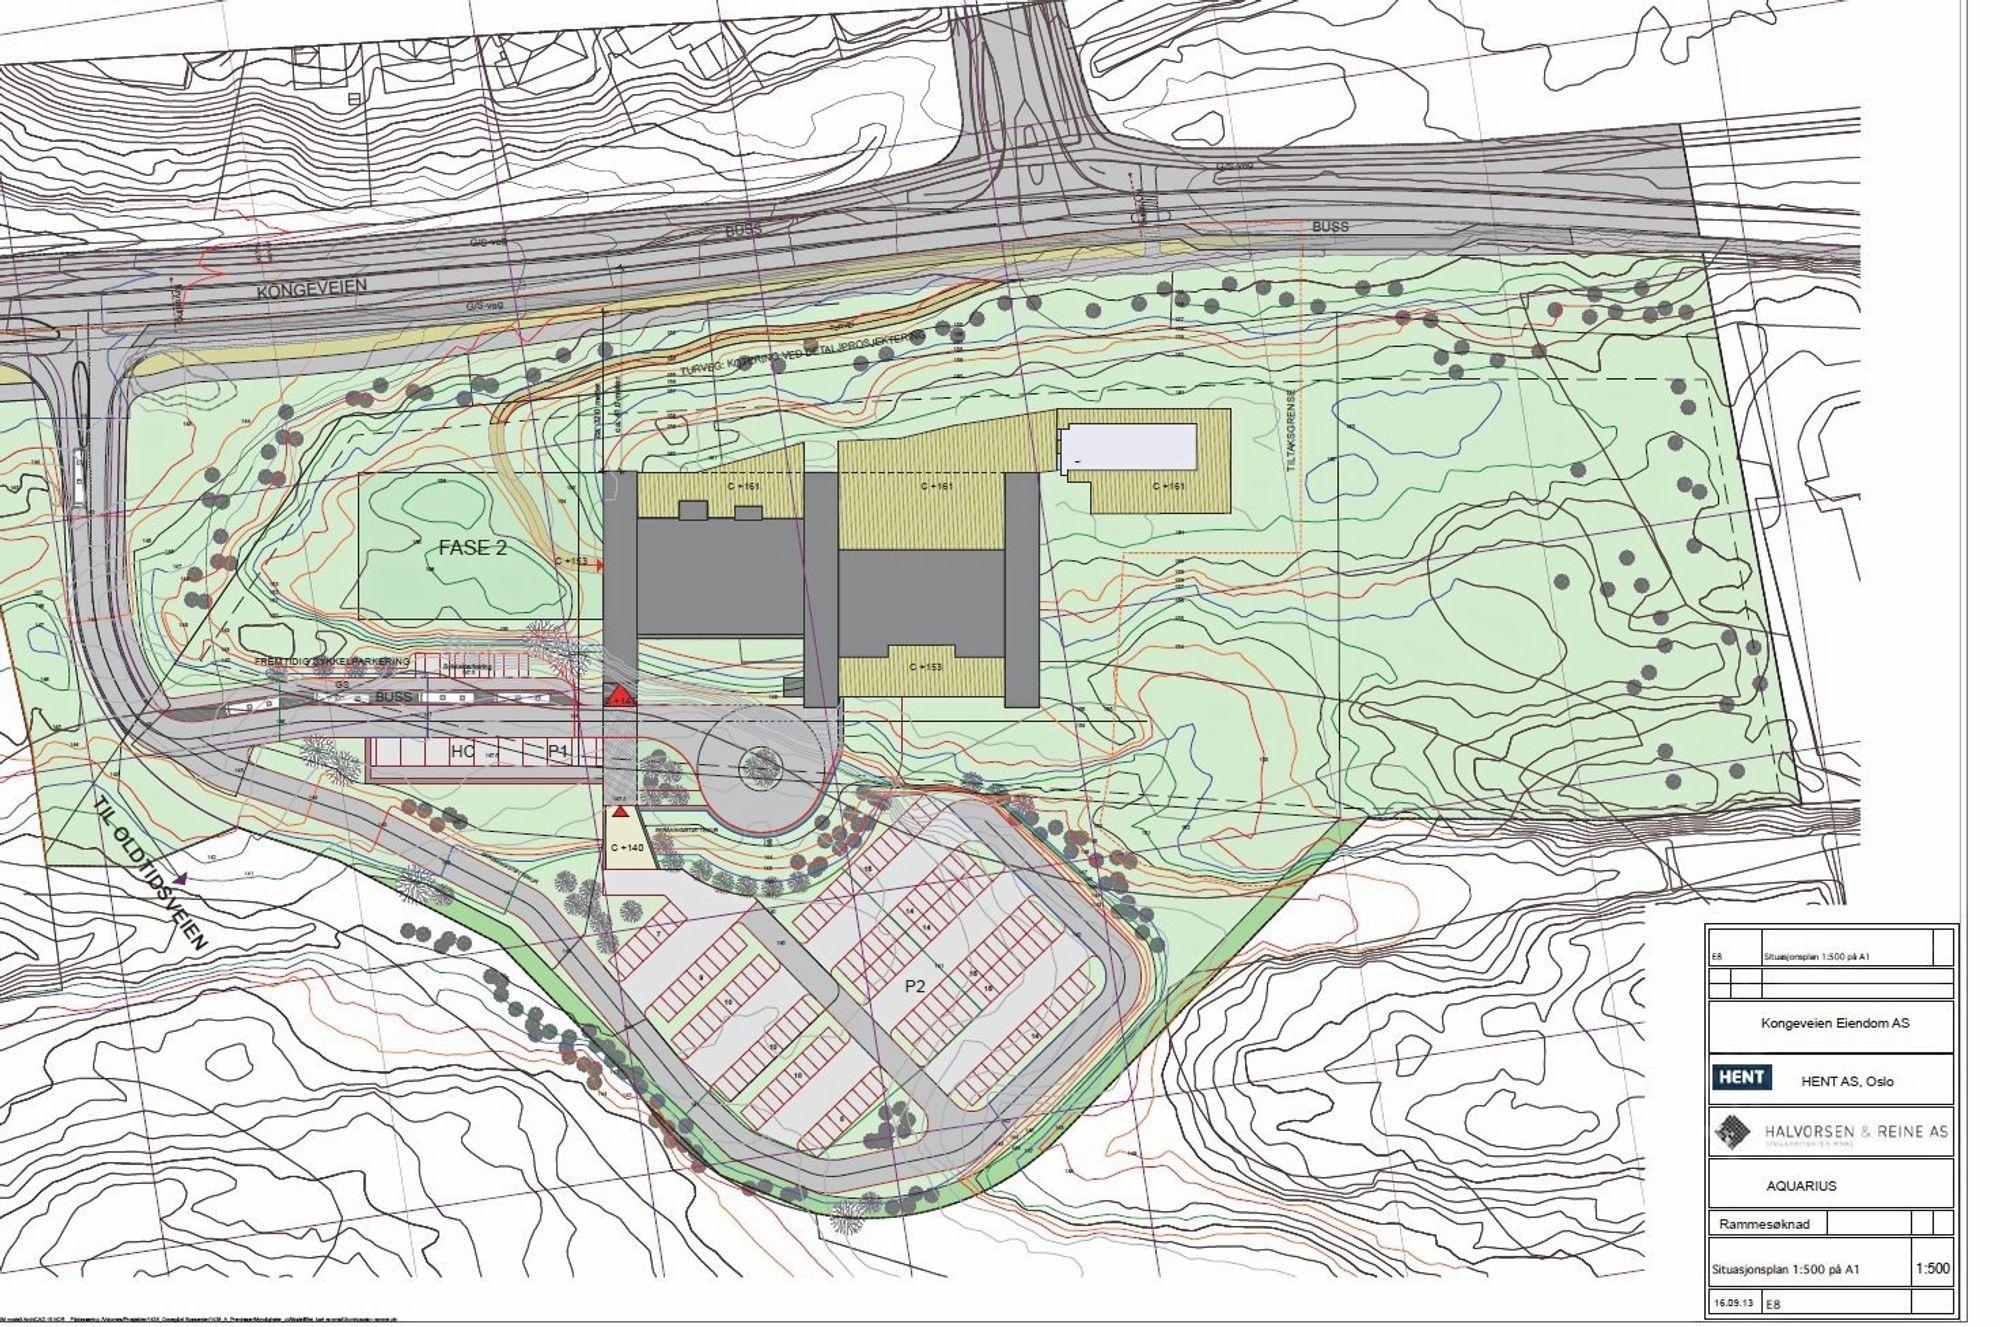 BYGGETRINN TO: På Canicas eiendom, syd for The Well, er det i reguleringsplanen lagt til rette for et badeanlegg på 3000 kvadratmeter. Klikk på bildet for å forstørre.